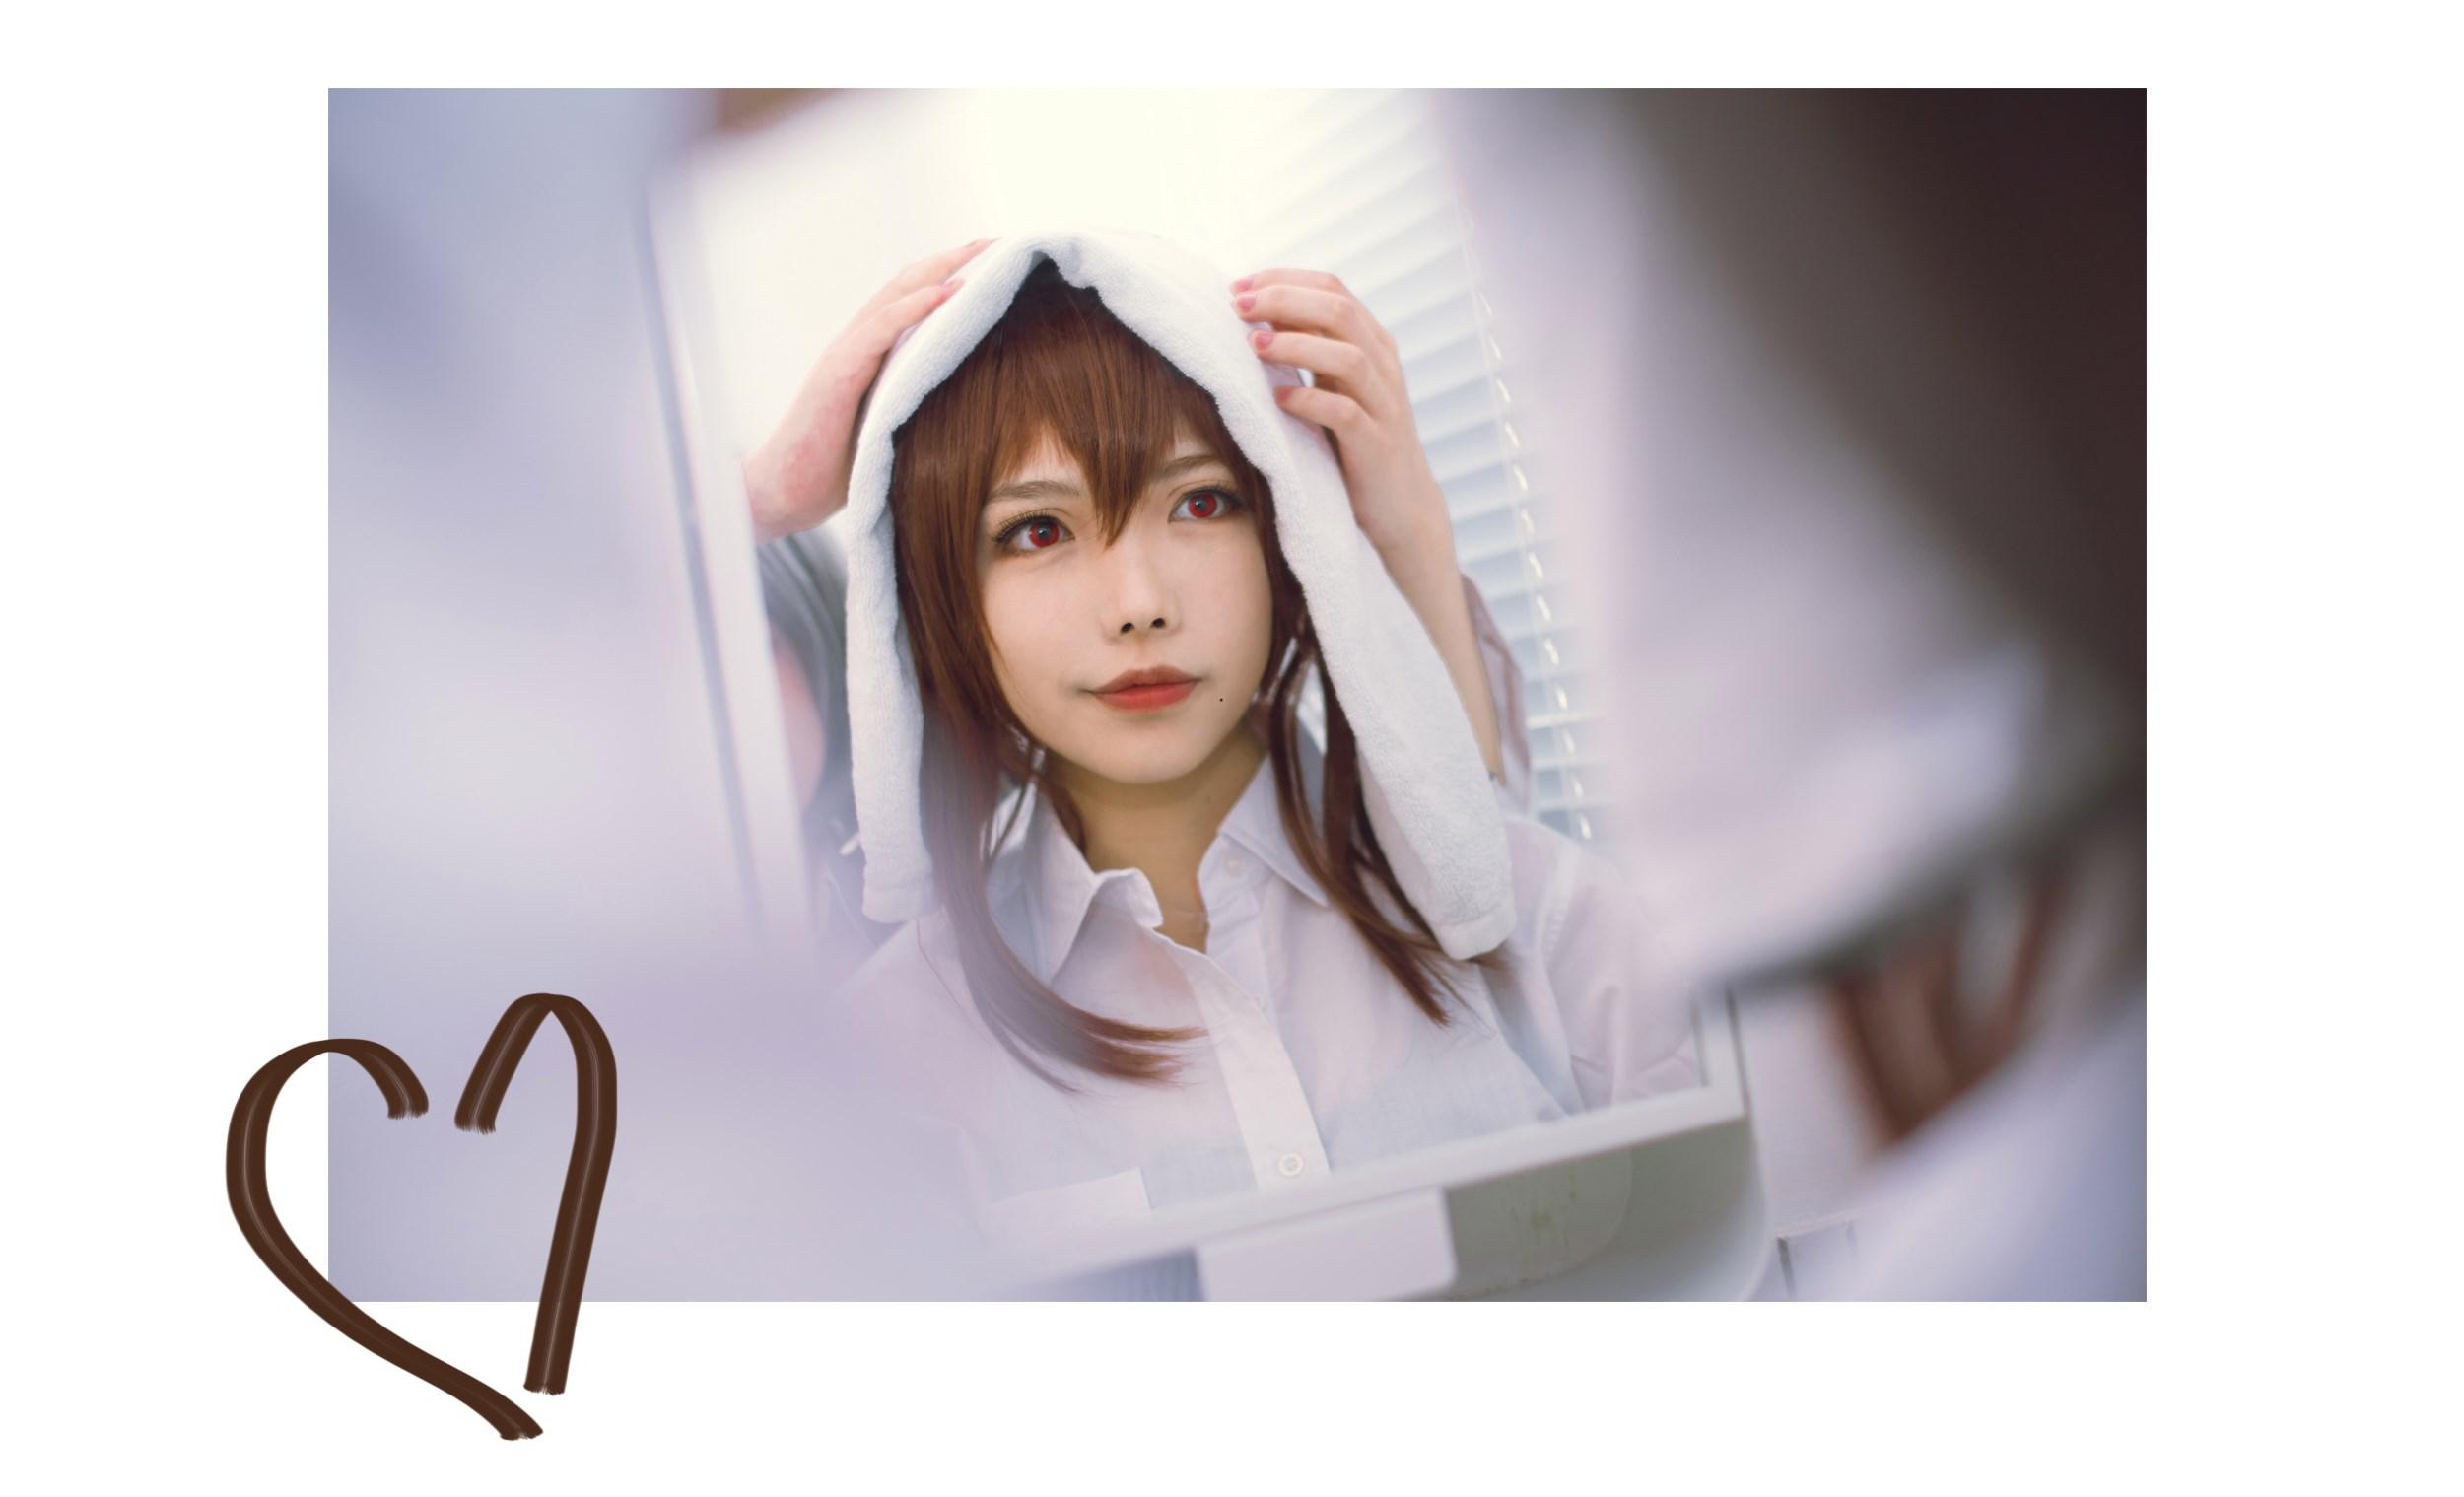 【兔玩映画】vol.03-和小甜甜的日常 兔玩映画 第26张